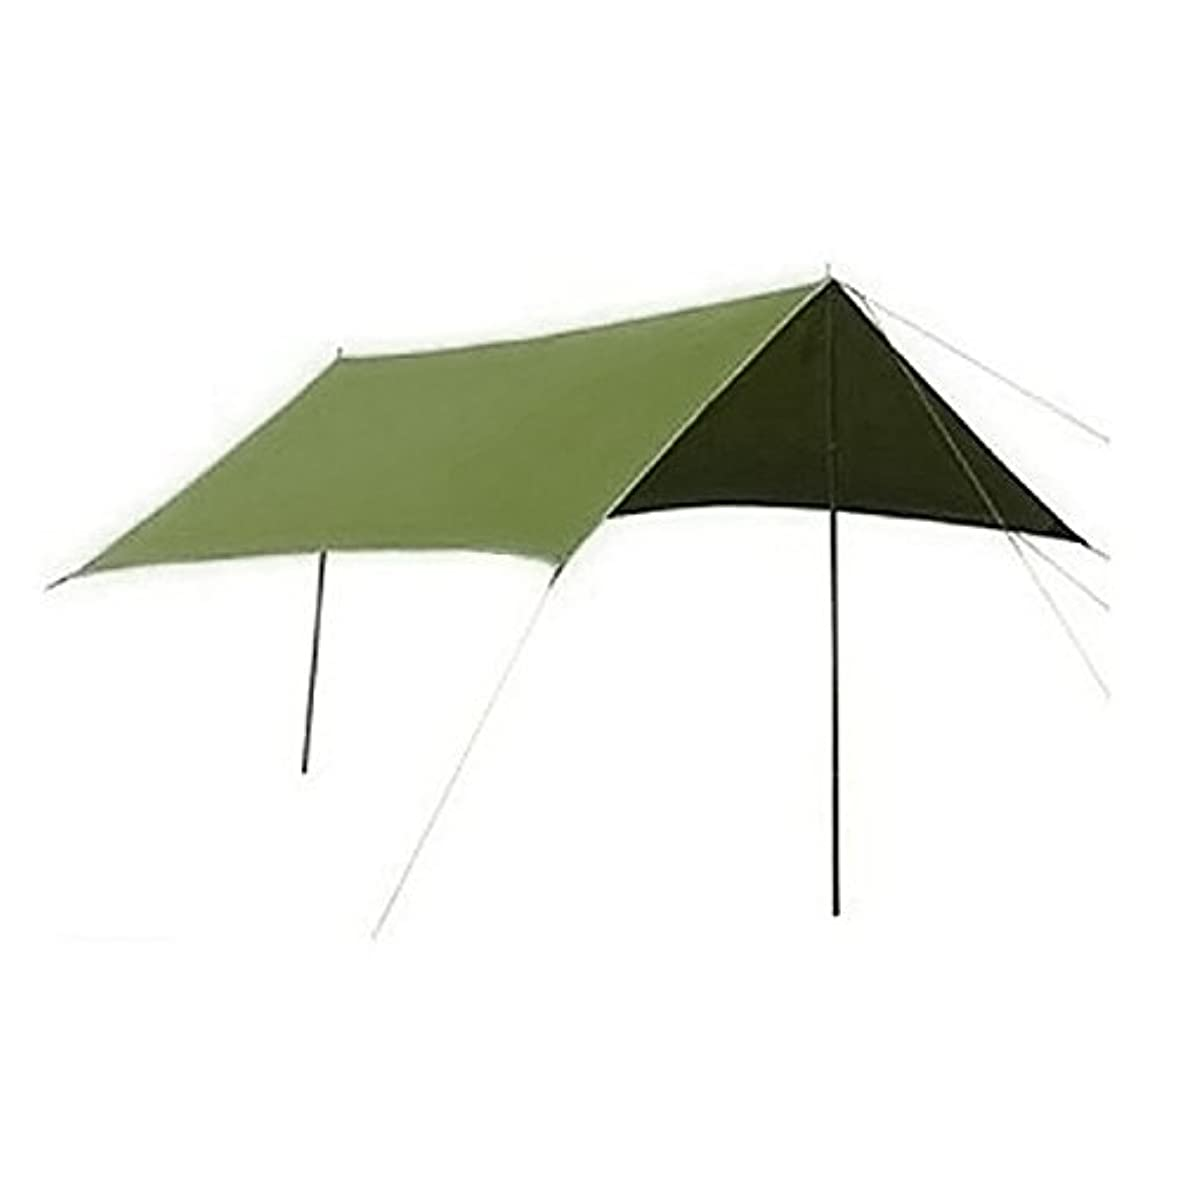 アクチュエータ解説識別DYNWAVE テントマット スリーピングマットレス 3-4人 野外活動 アウトドア キャンプ 防水 携帯便利 全3色